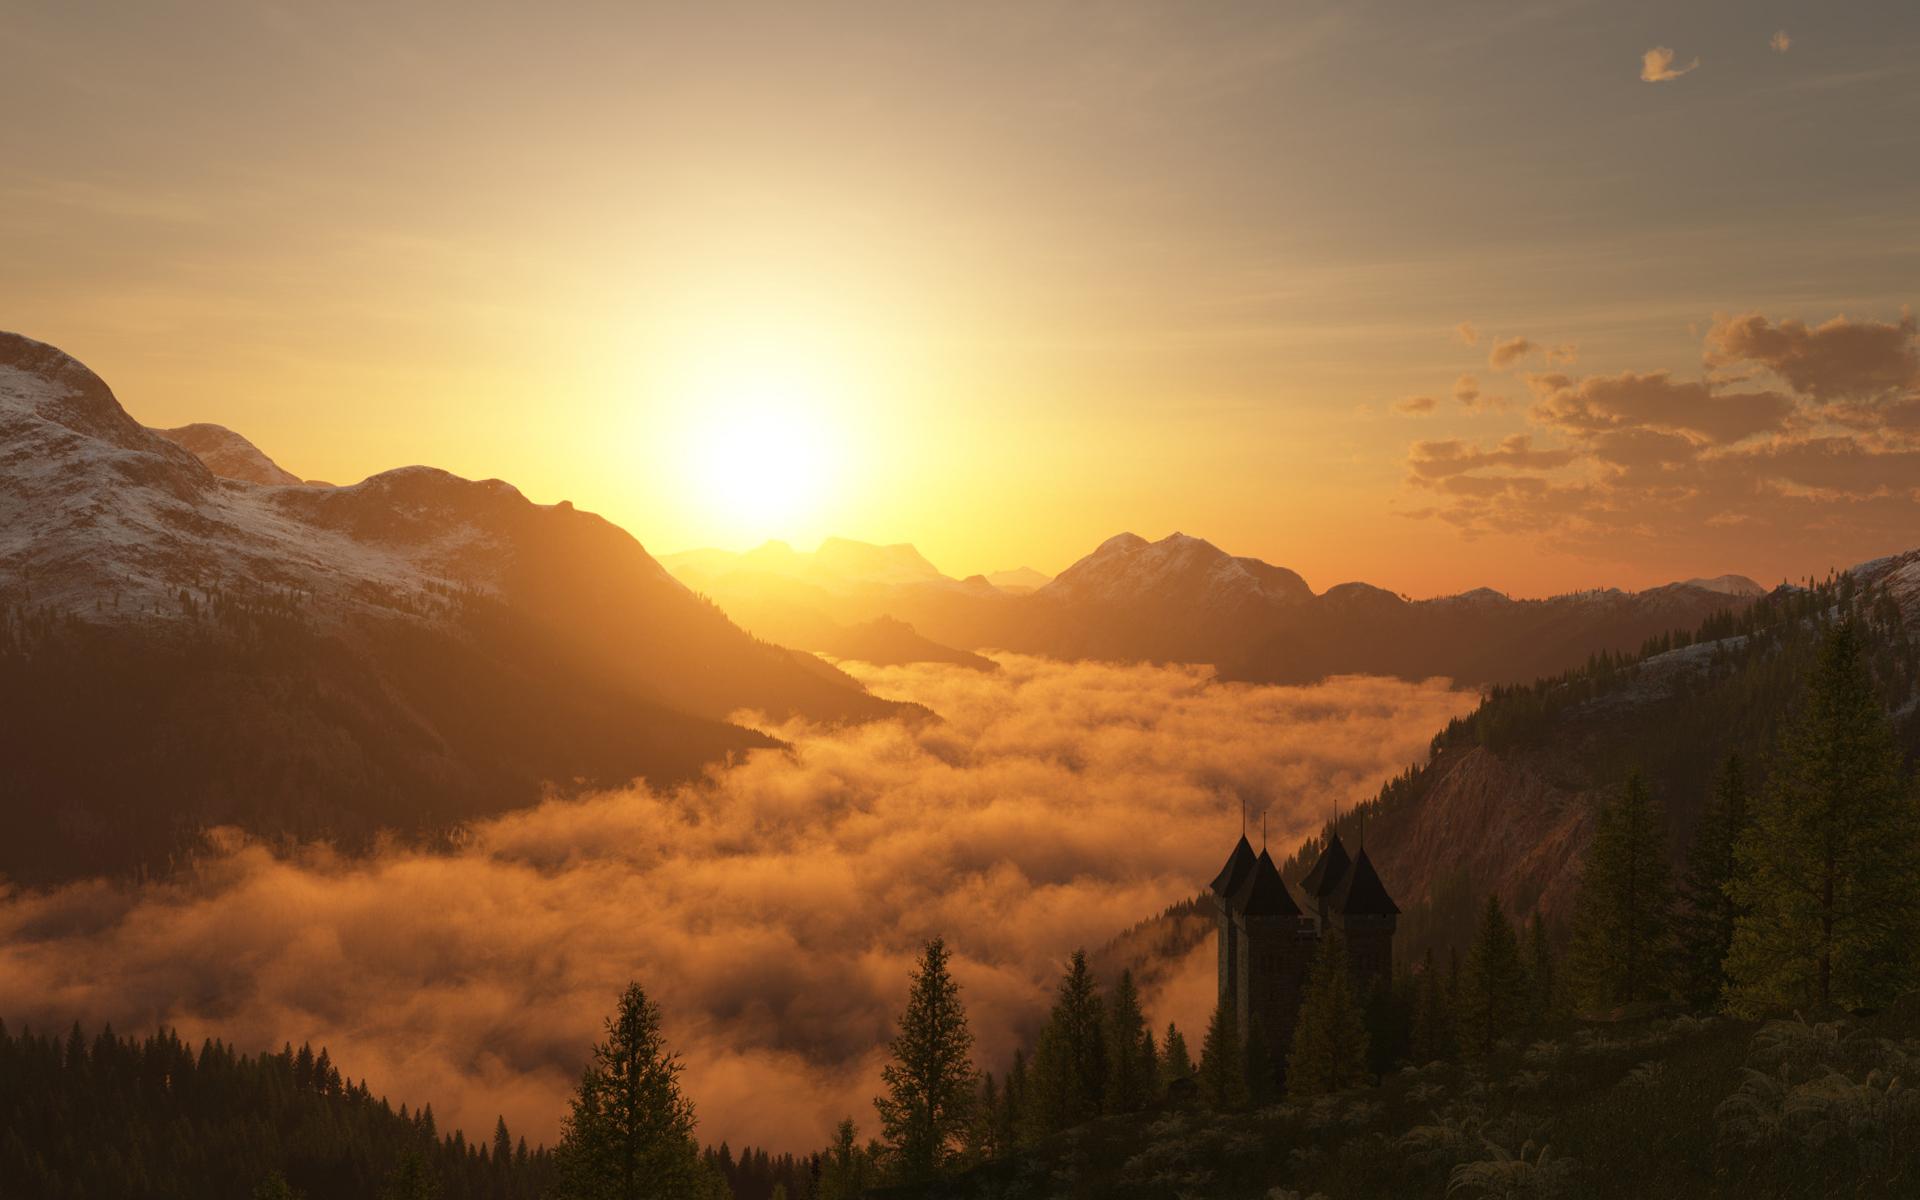 горы скалы небо облака высота природа  № 3352168 бесплатно